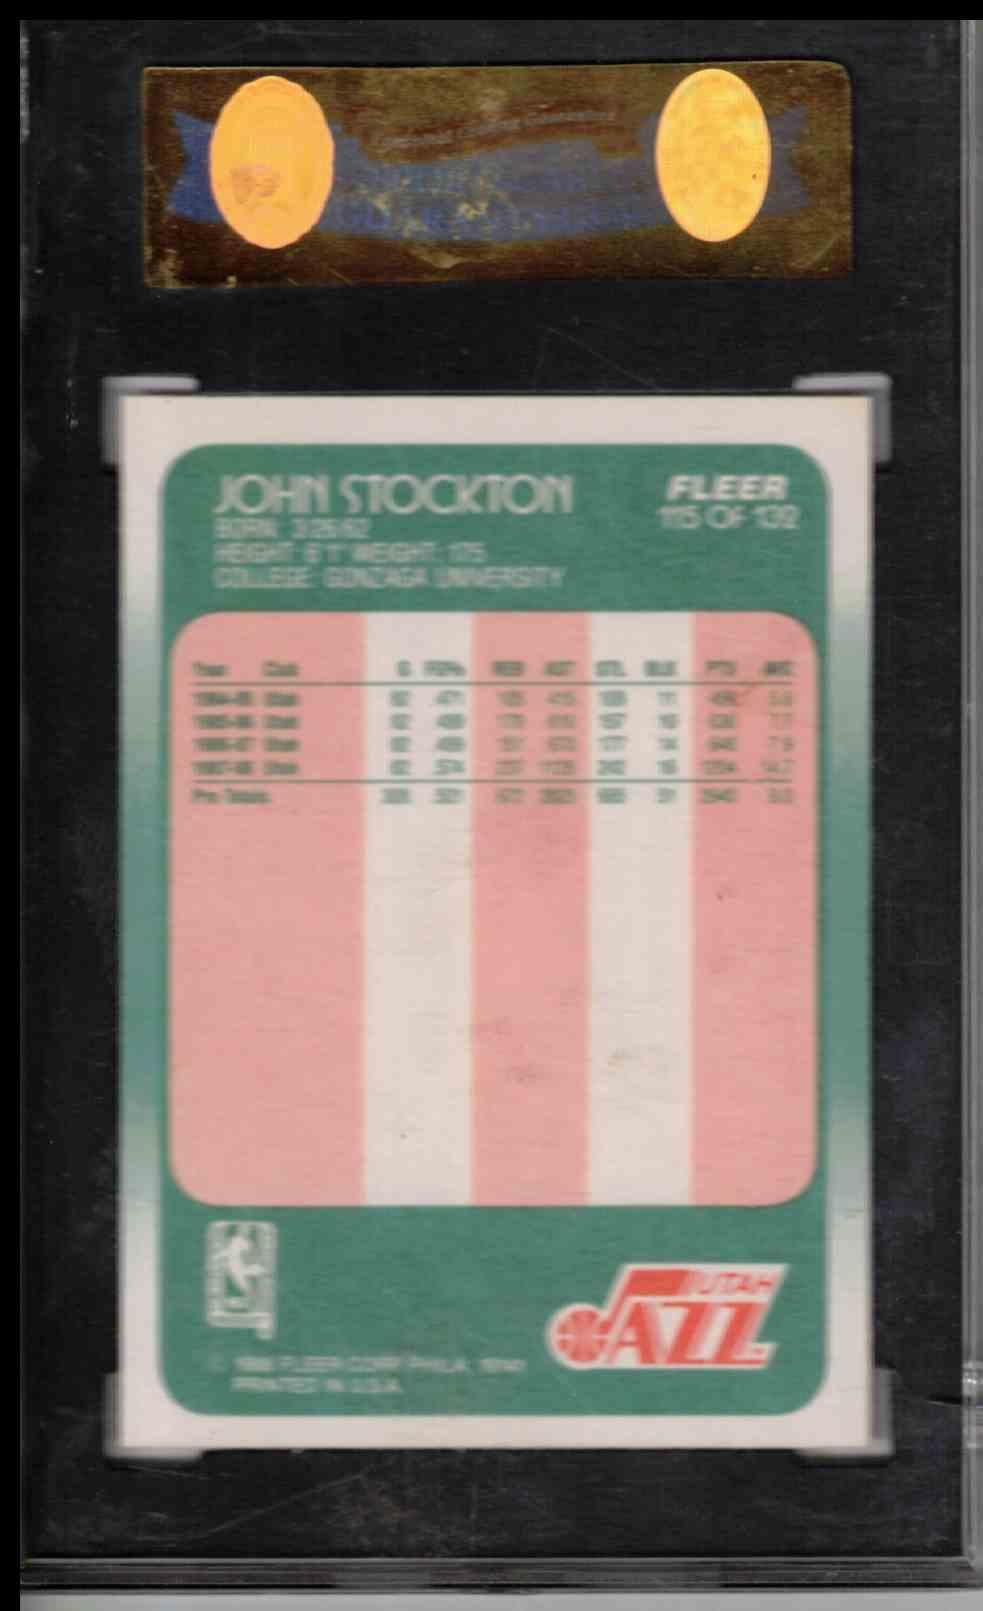 1989 Fleer John Stockton ##115 card back image